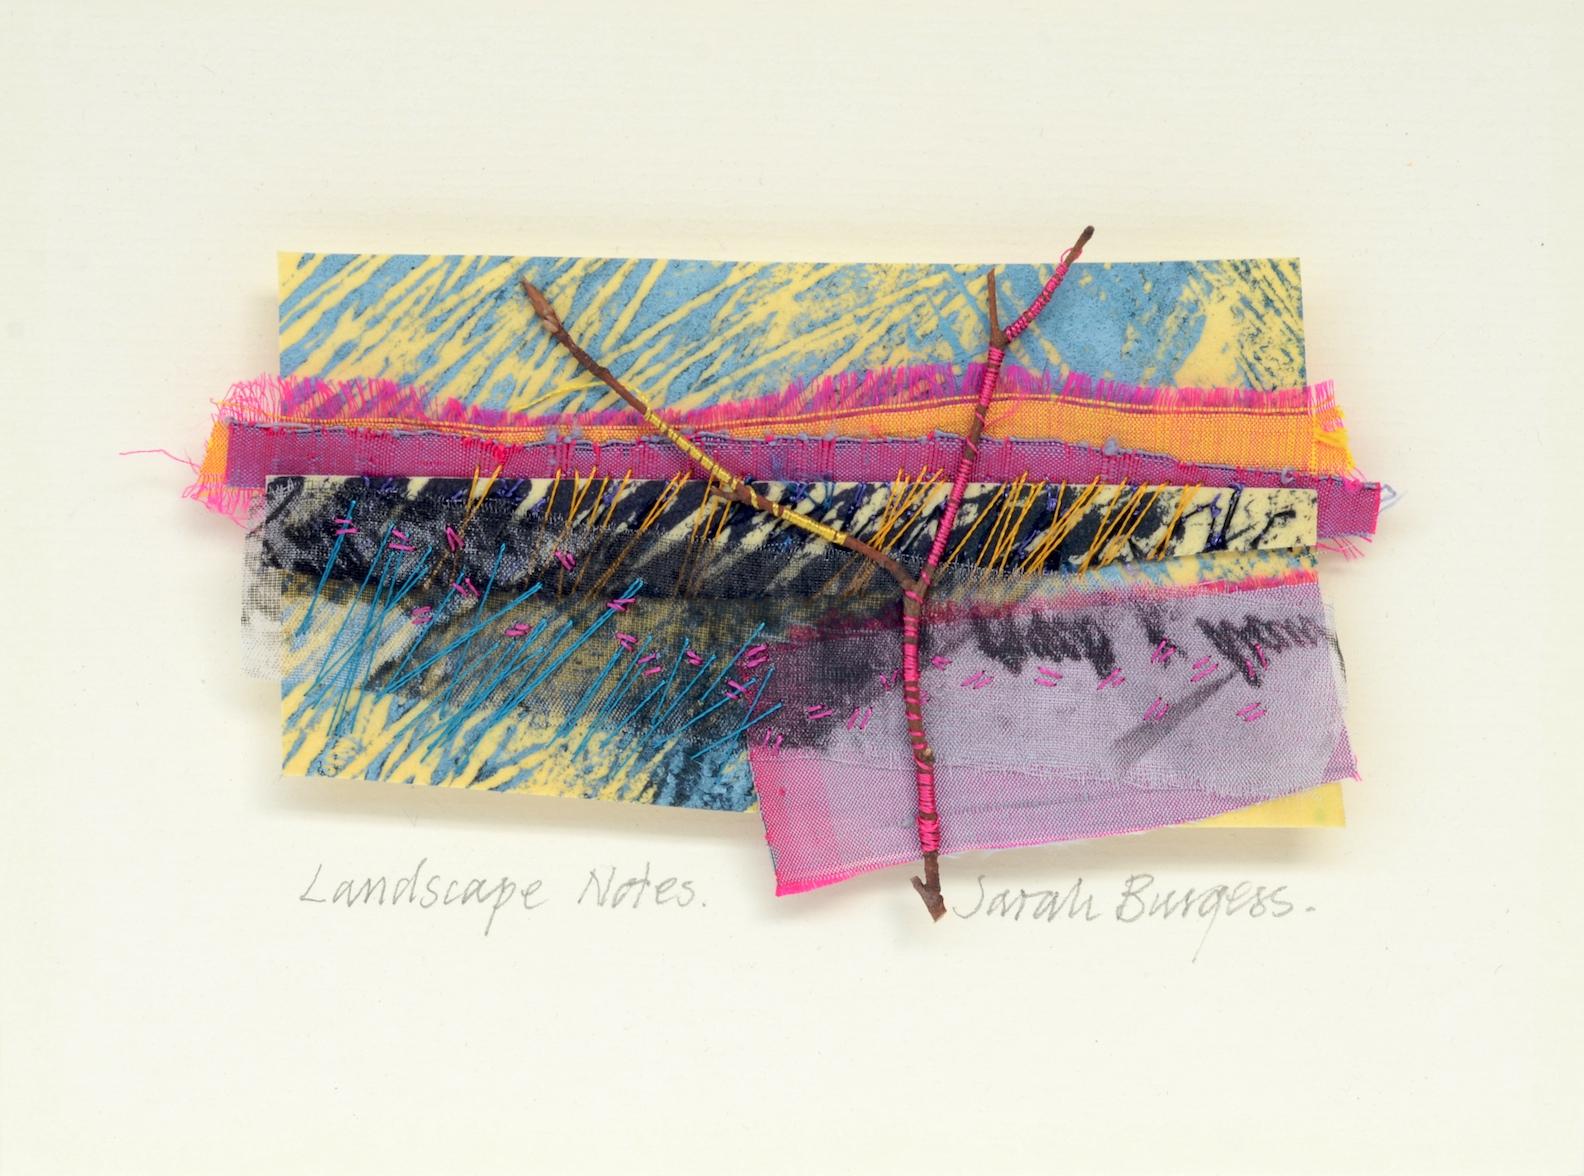 Landscape Notes 5